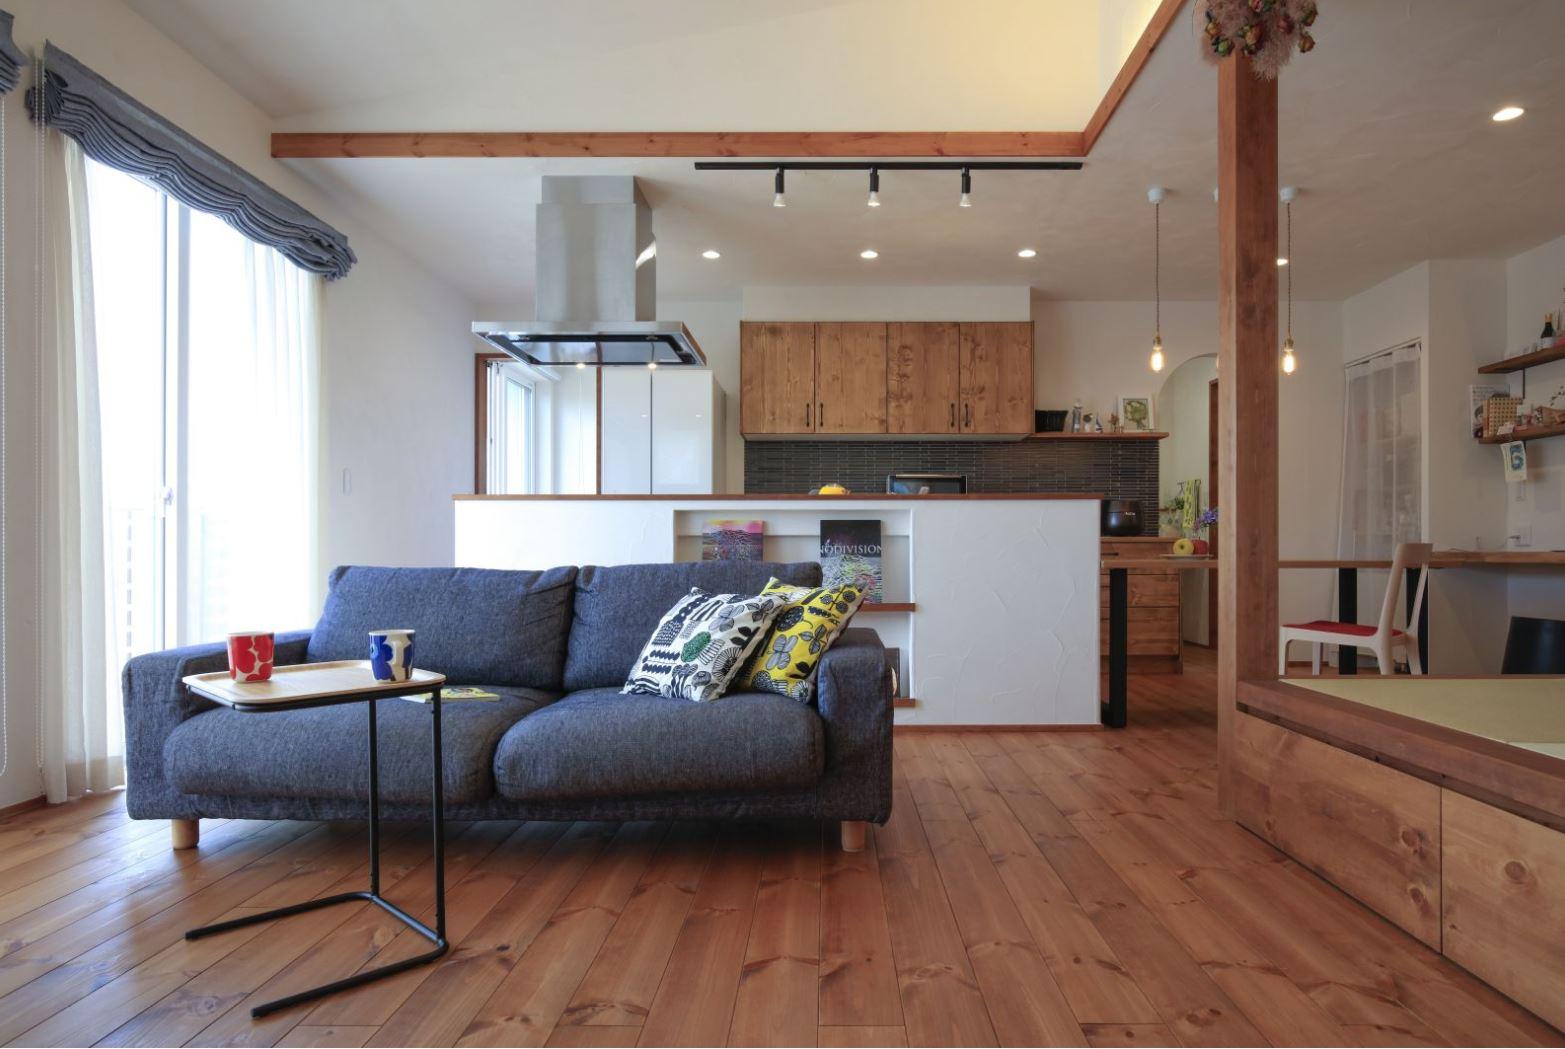 アイジースタイルハウス【自然素材、間取り、平屋】木のぬくもりと漆喰のやさしさに癒やされるナチュラルテイストのLDK。キッチンの背面にも漆喰を採用し、マガジンラックを造作